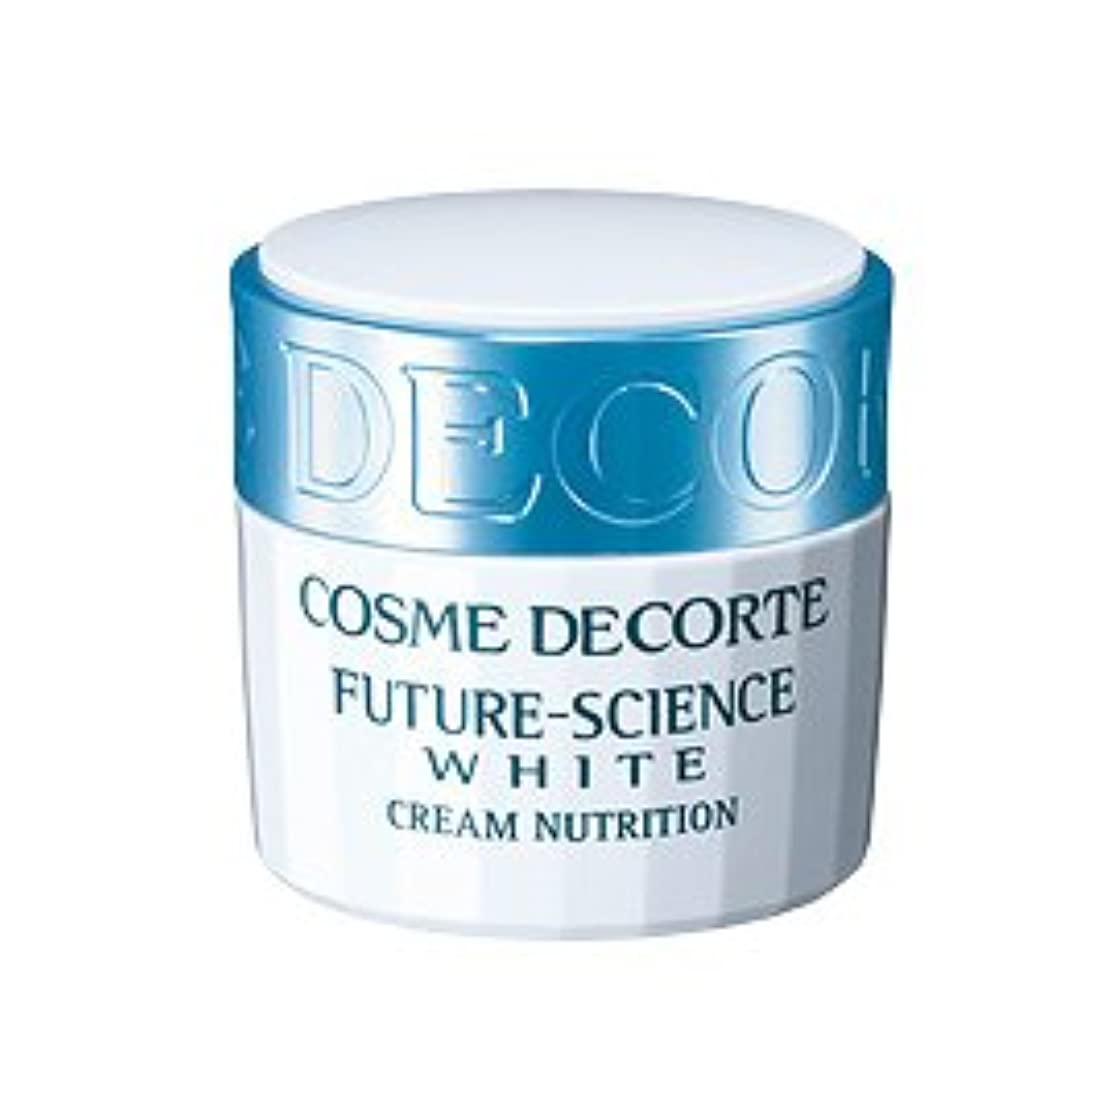 風味遺棄された著者COSME DECORTE コスメ デコルテ フューチャー サイエンス ホワイト クリーム ニュートリション 40g [並行輸入品]